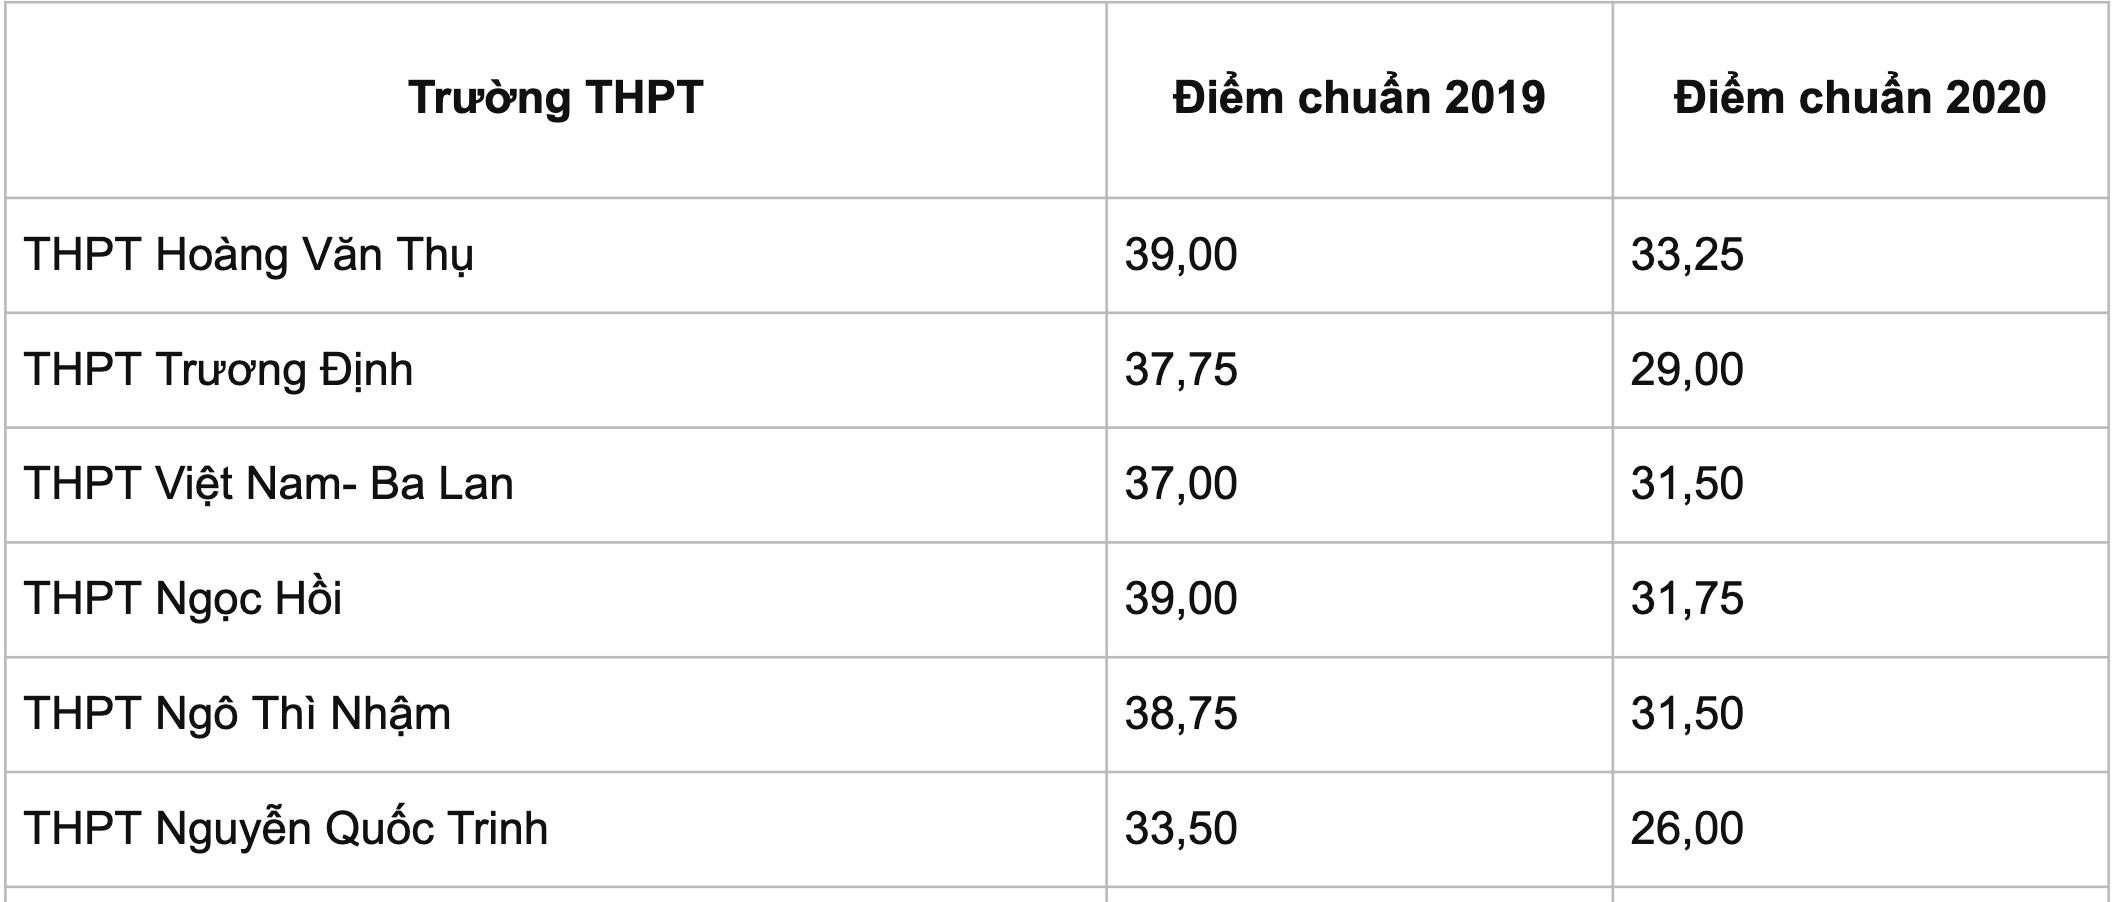 Bao giờ Hà Nội công bố điểm chuẩn vào lớp 10 THPT công lập? - 5